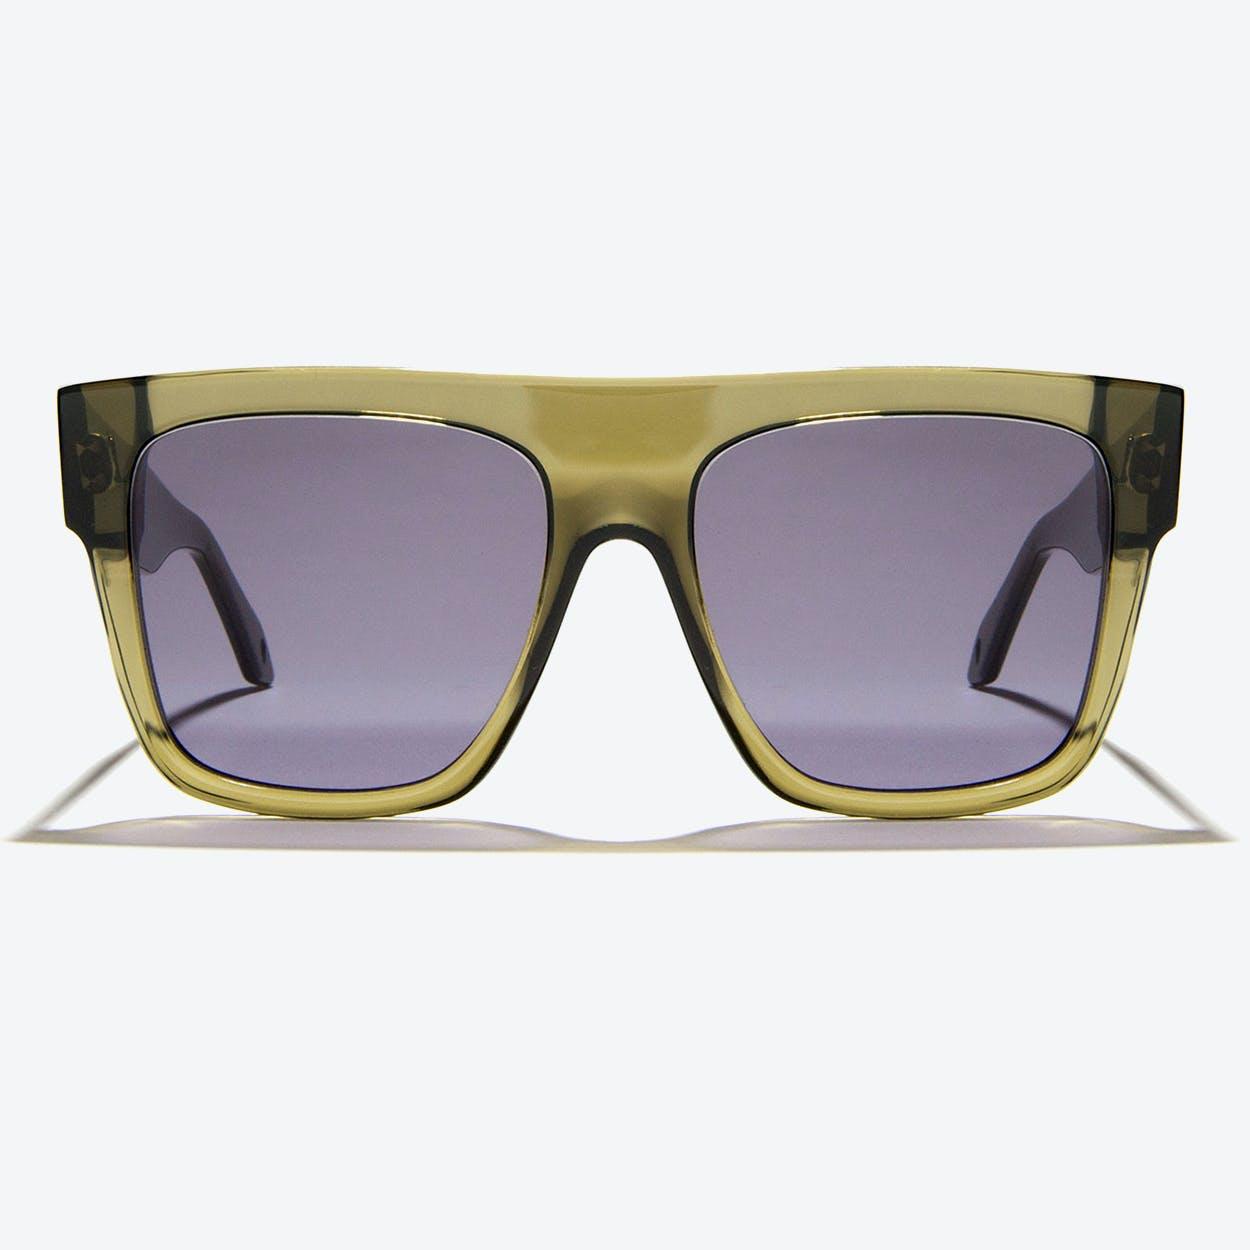 Proteus Sunglasses in Green